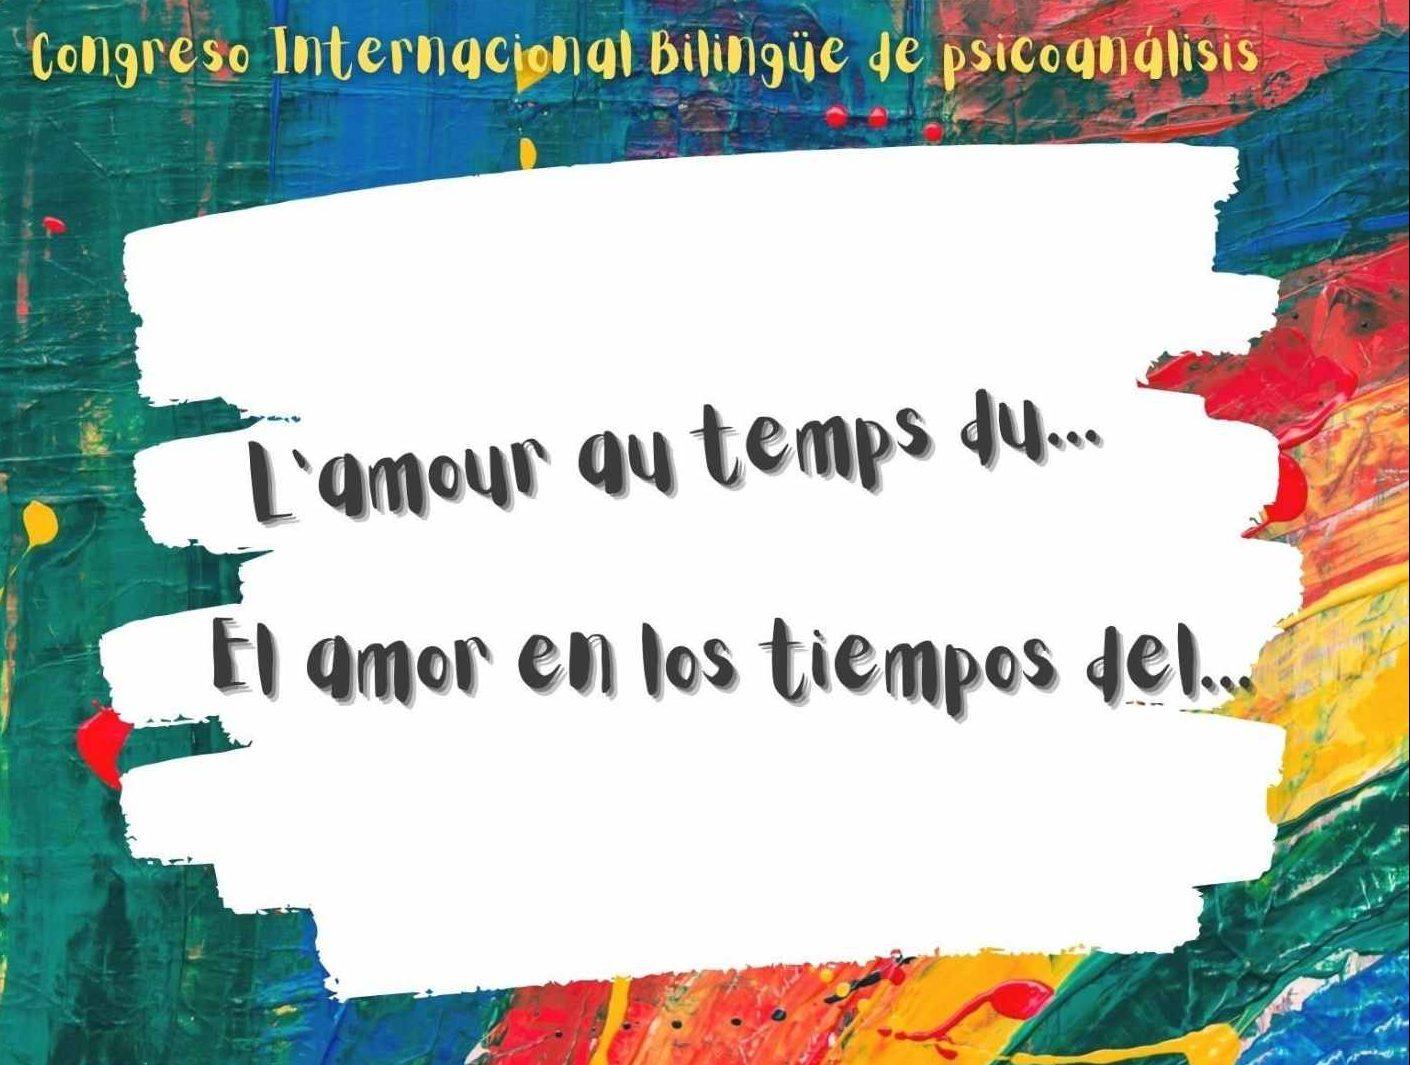 Paris Congreso Internacional bilingüe: « El amor en los tiempos del …… » – 3 y 4 de octubre de 2020